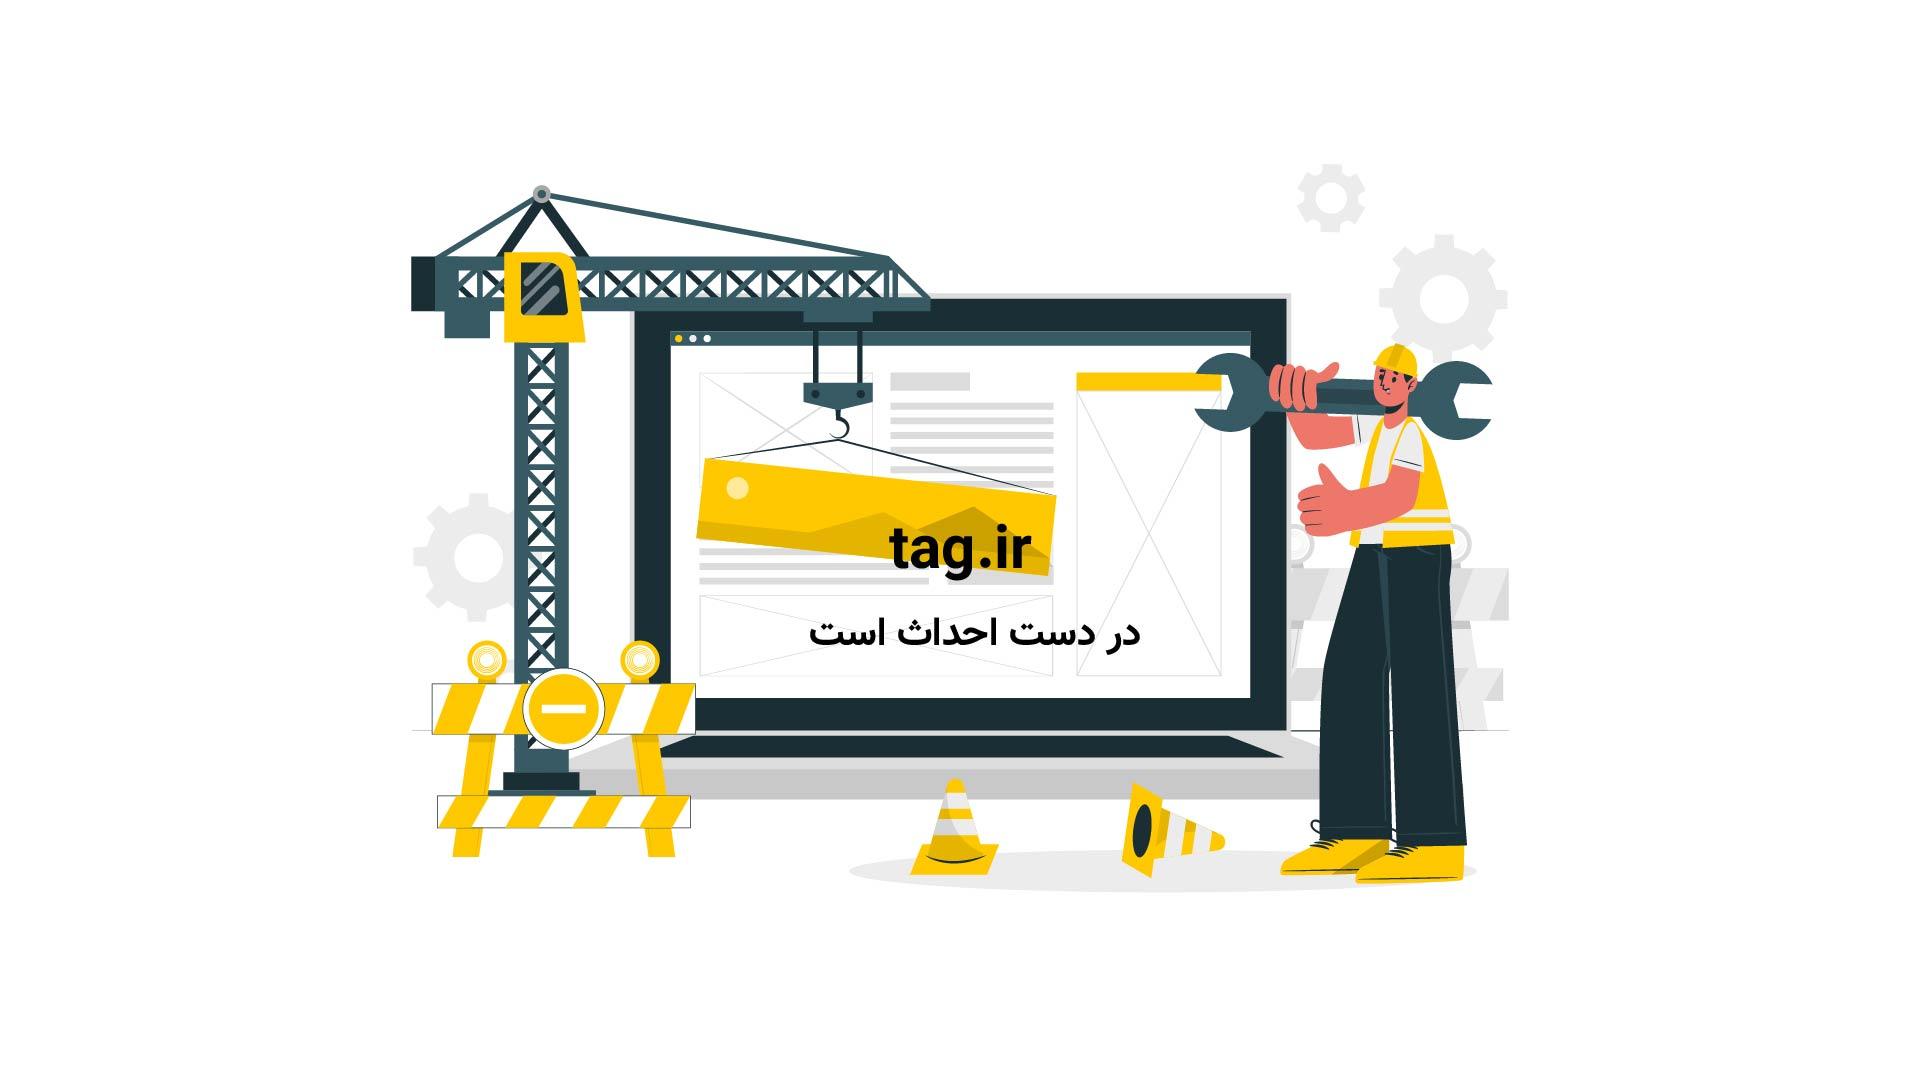 سرقت مسلحانه از بانک در استان البرز|تگ